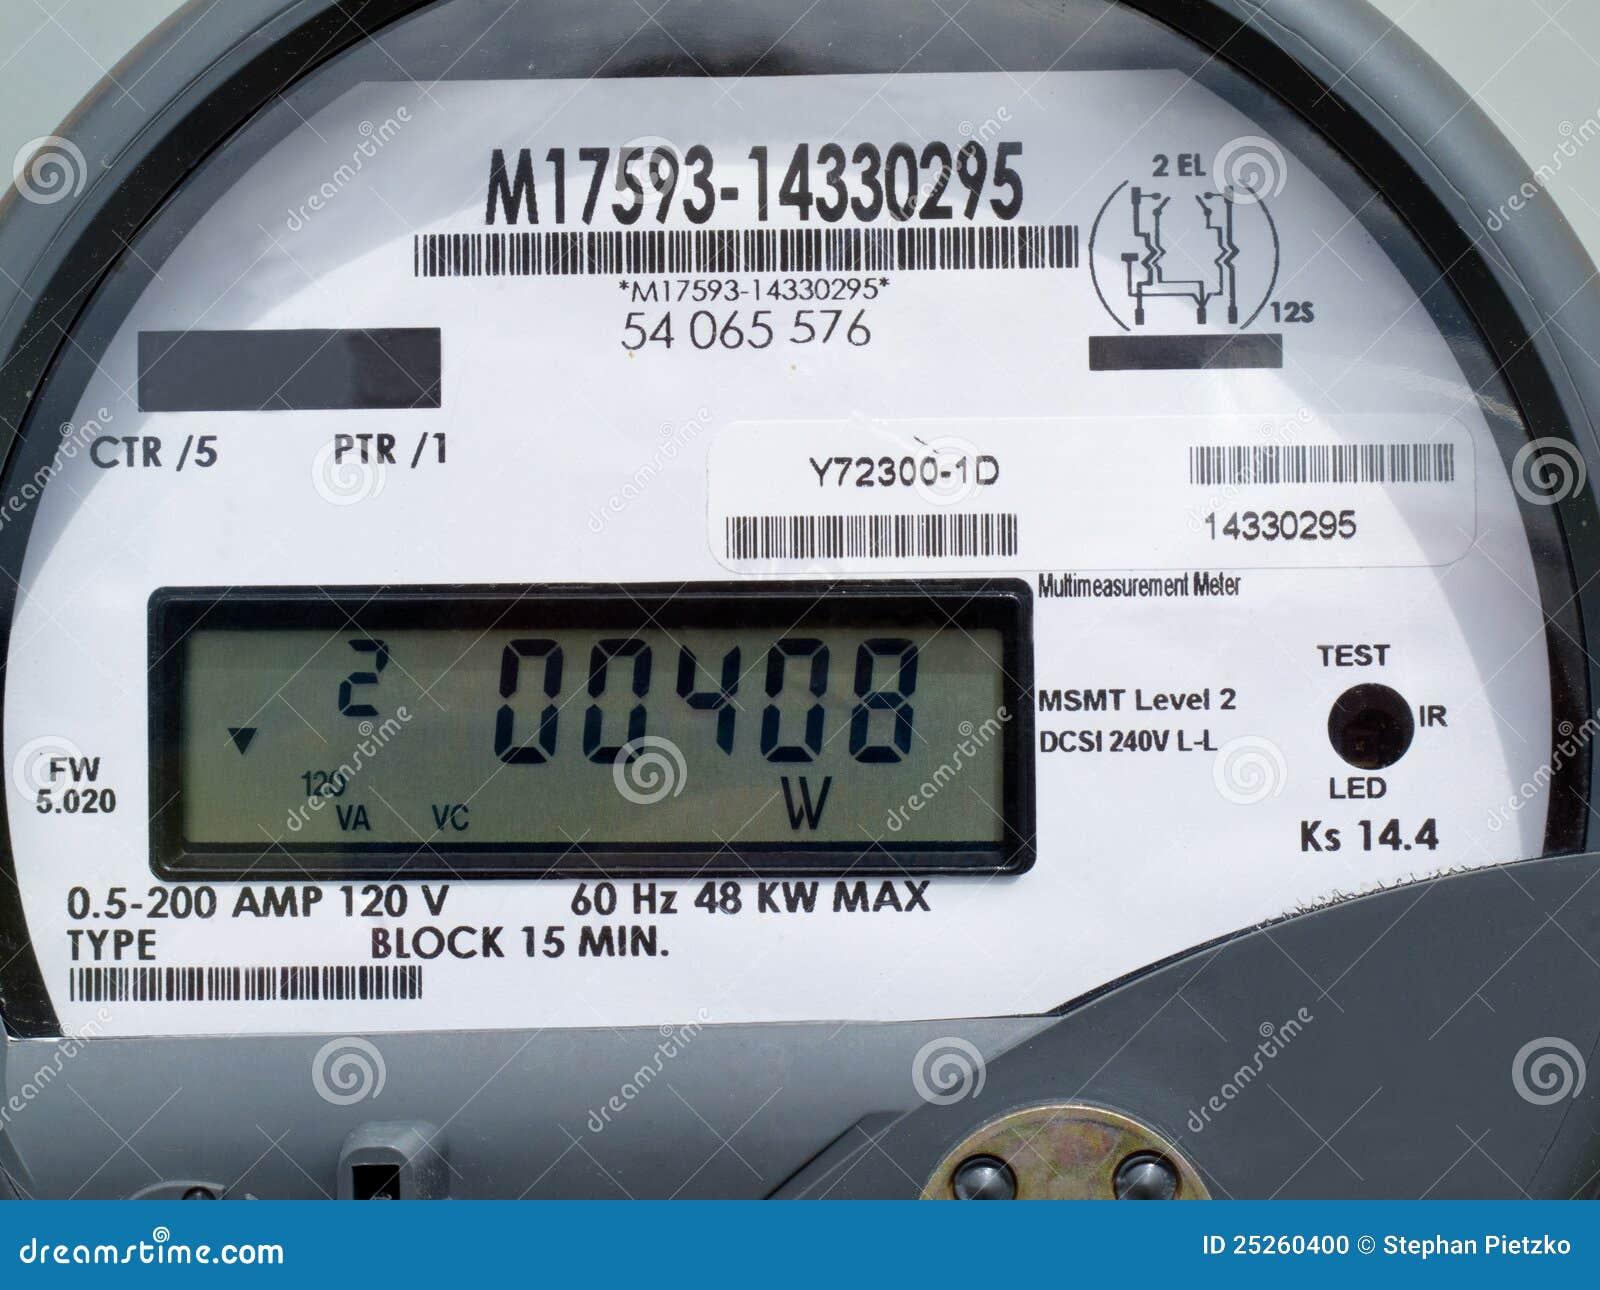 LCD display of smart grid power supply meter